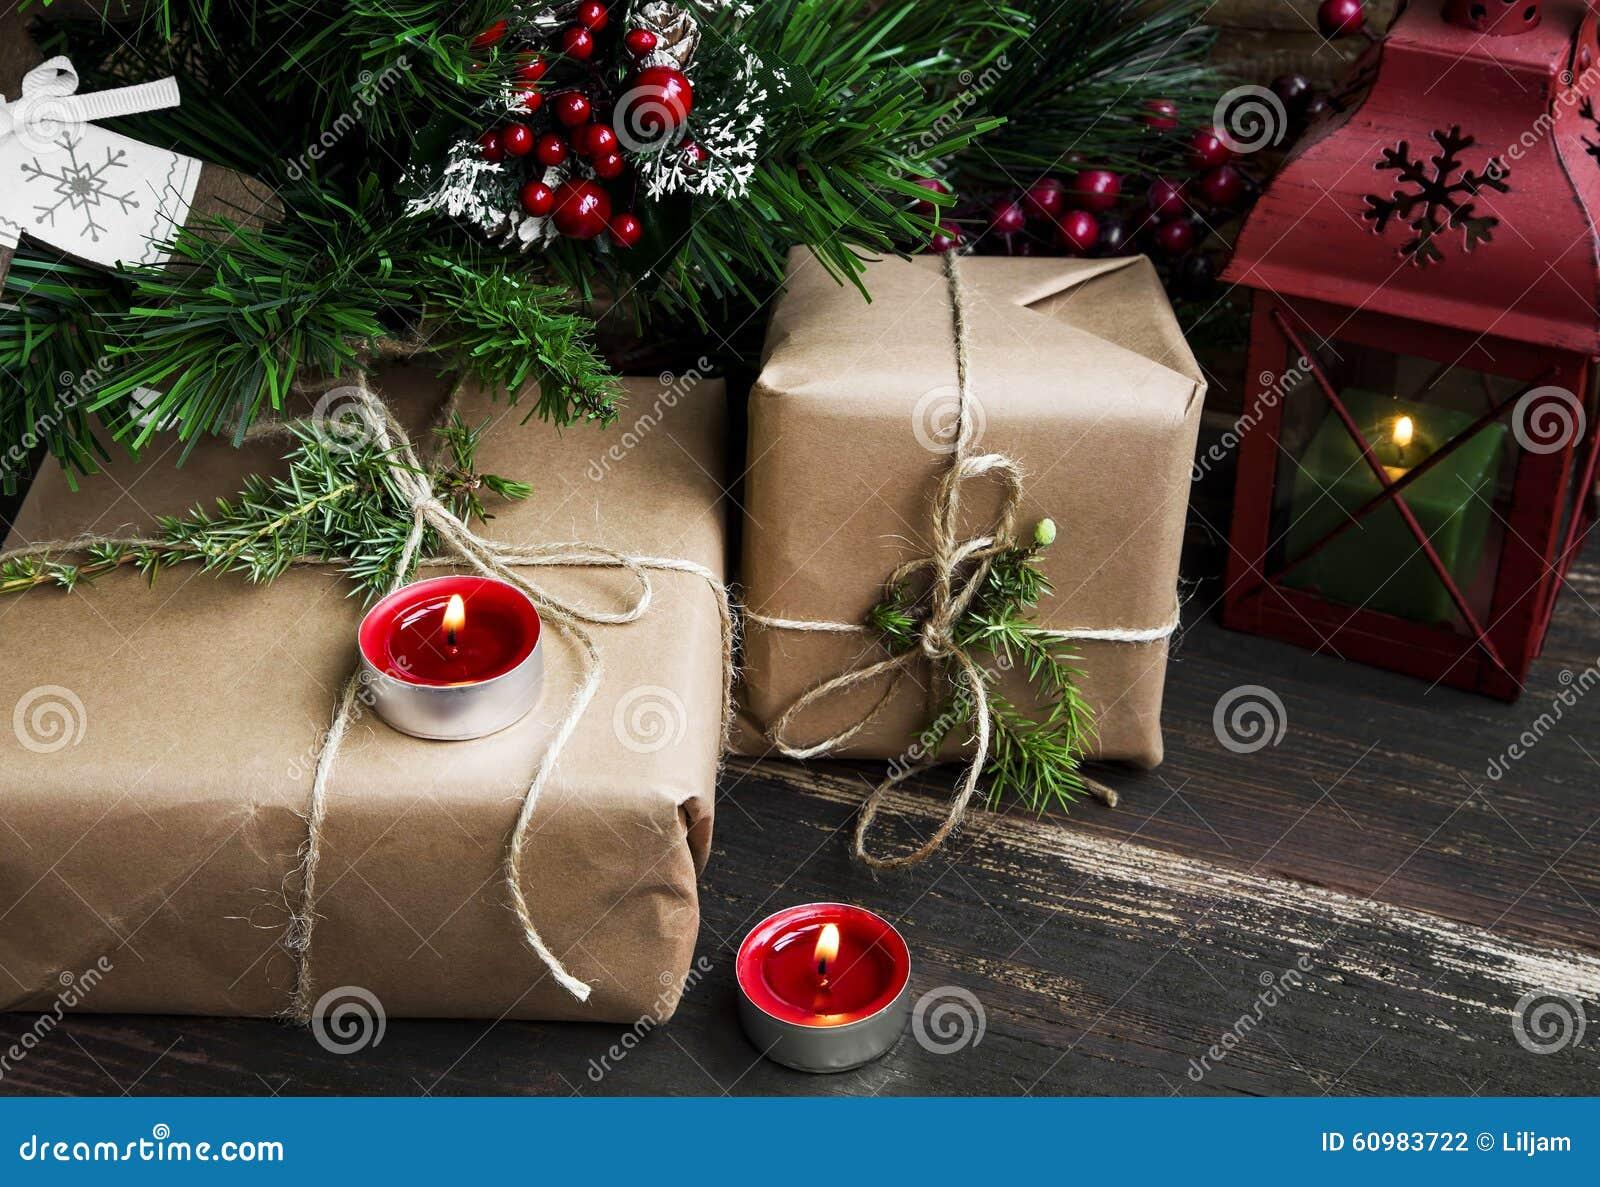 Retro- Weihnachtsgeschenke Unter Dem Weihnachtsbaum Mit Kerzen Und ...